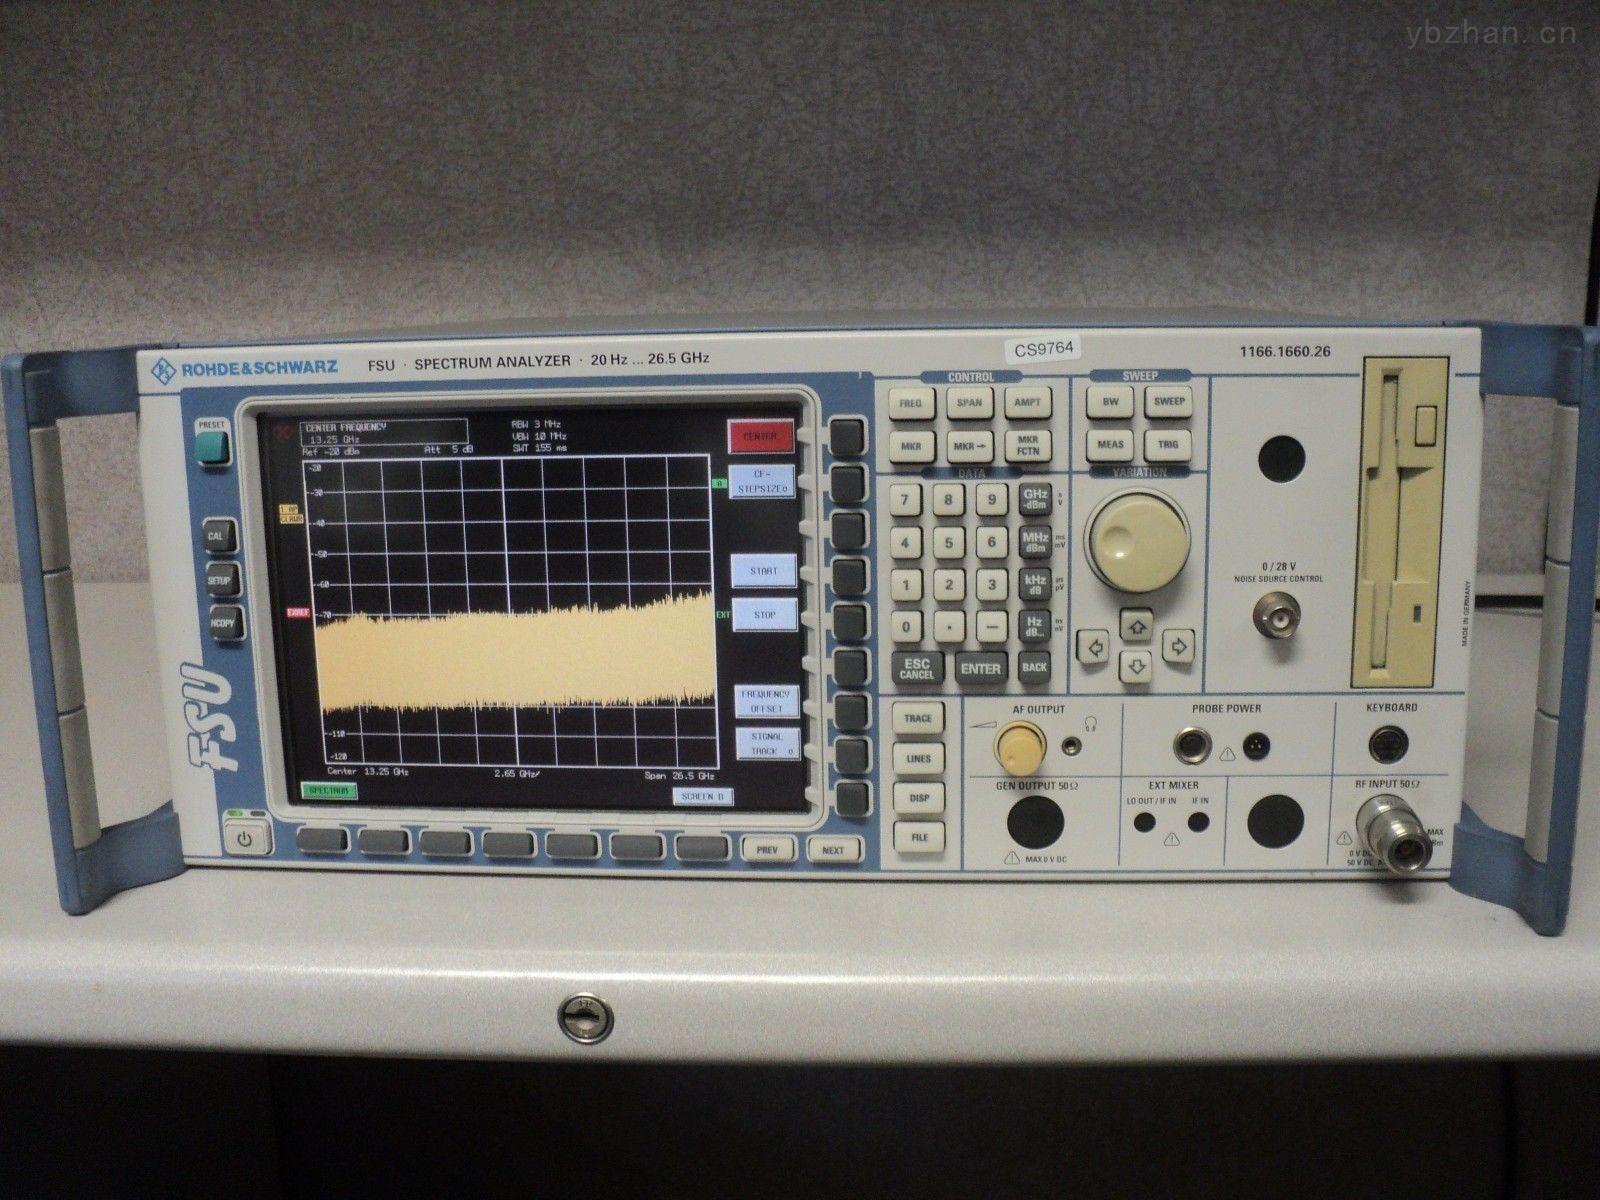 回收罗德与施瓦茨FSU3频谱分析仪.那里回收FSU3频谱分析仪